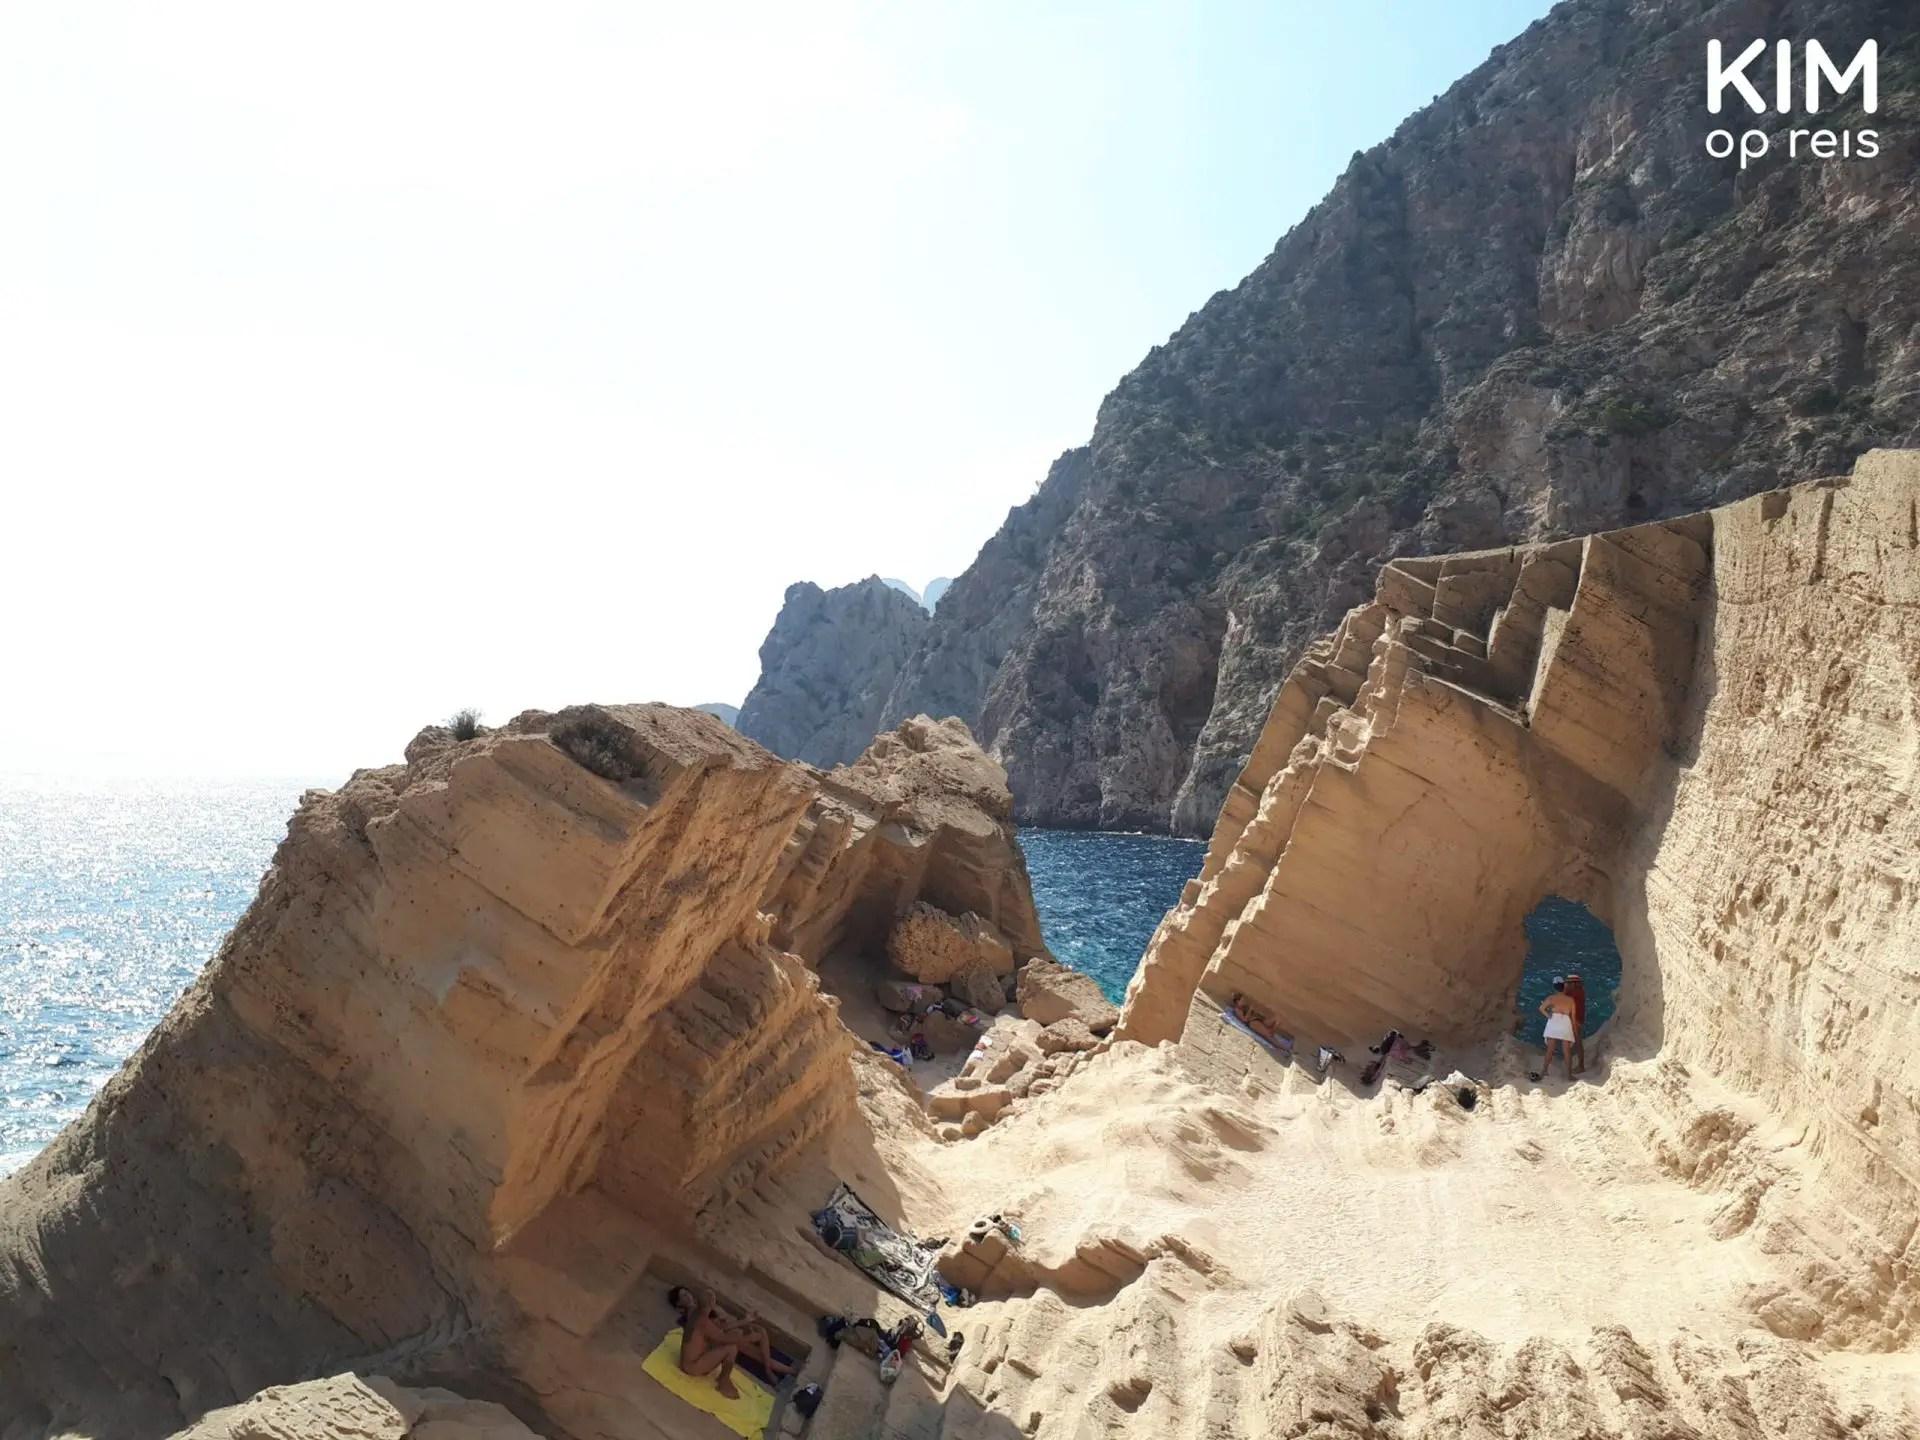 Atlantis op Ibiza - lichtgekleurde rotspartij aan de rand van de zee